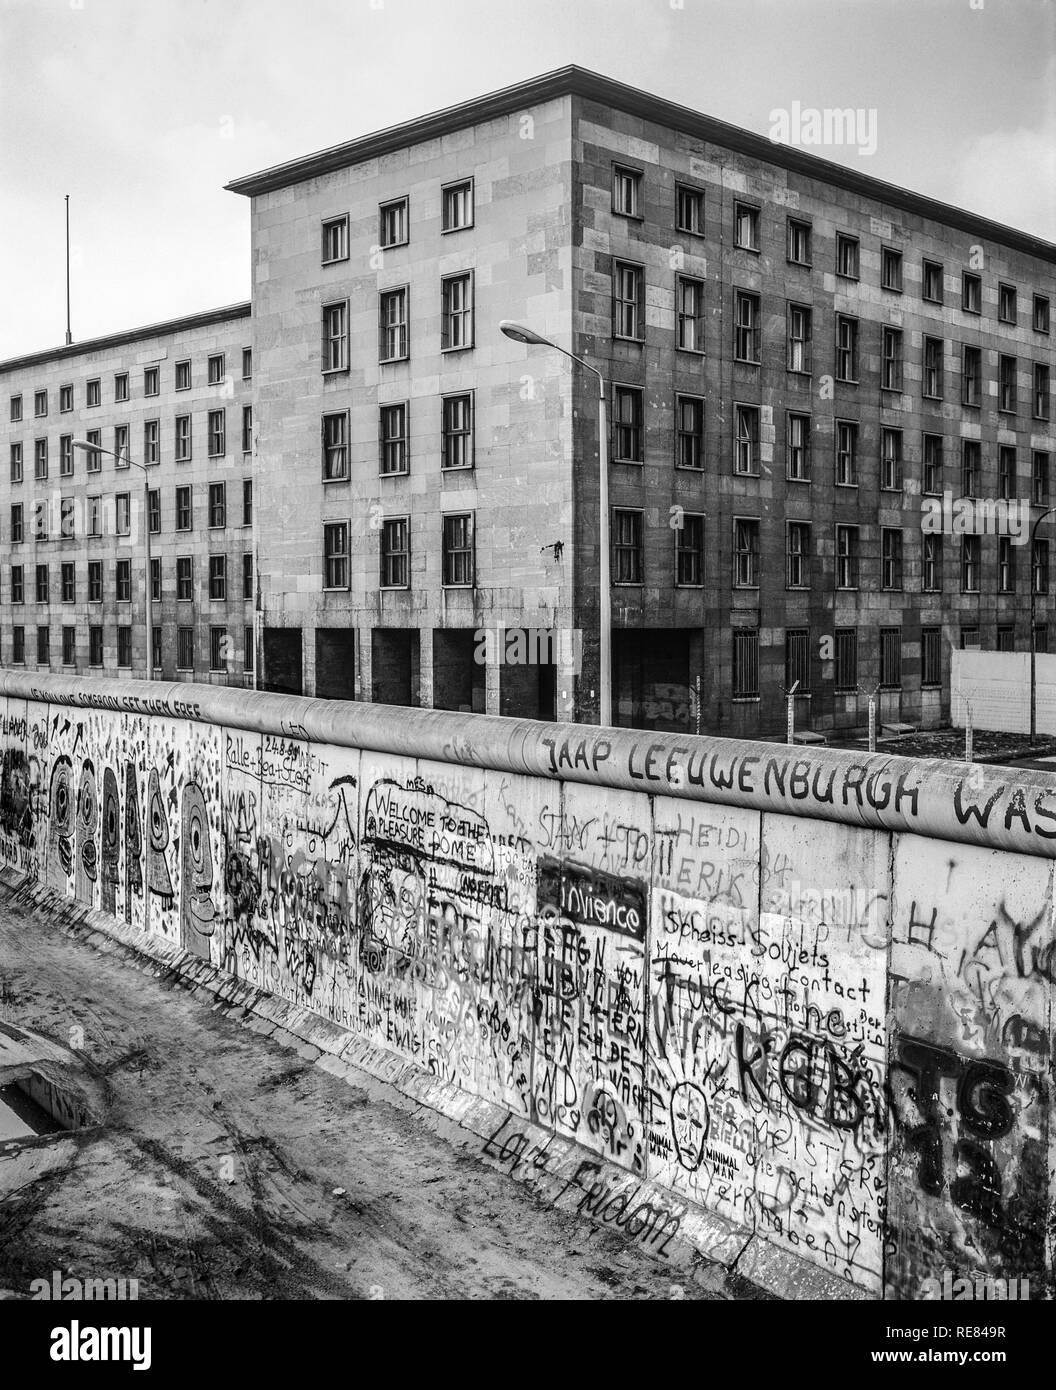 Agosto 1986, graffitis sul muro di Berlino, Berlino Est edifici, Zimmerstrasse street, Kreuzberg, Berlino Ovest lato, Germania, Europa Immagini Stock